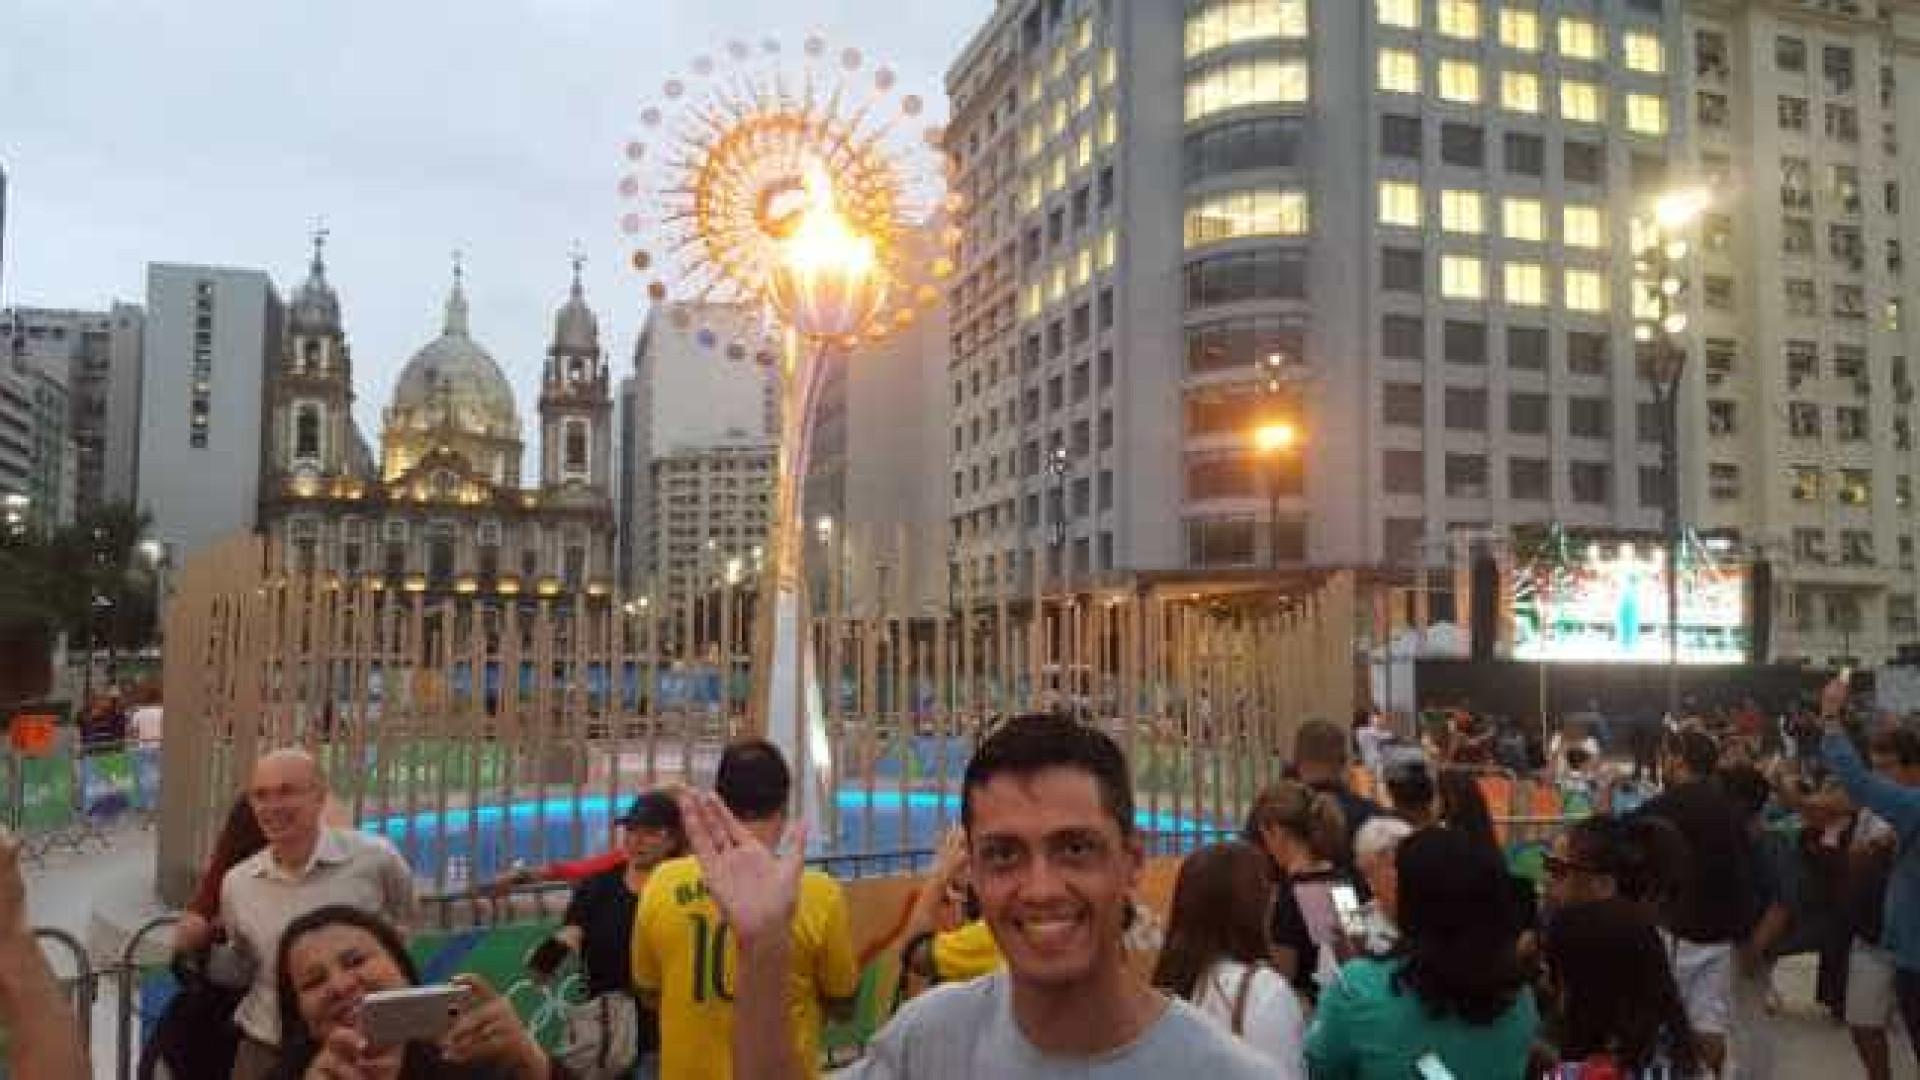 Pira Olímpica vira parada obrigatória para fotos na Candelária